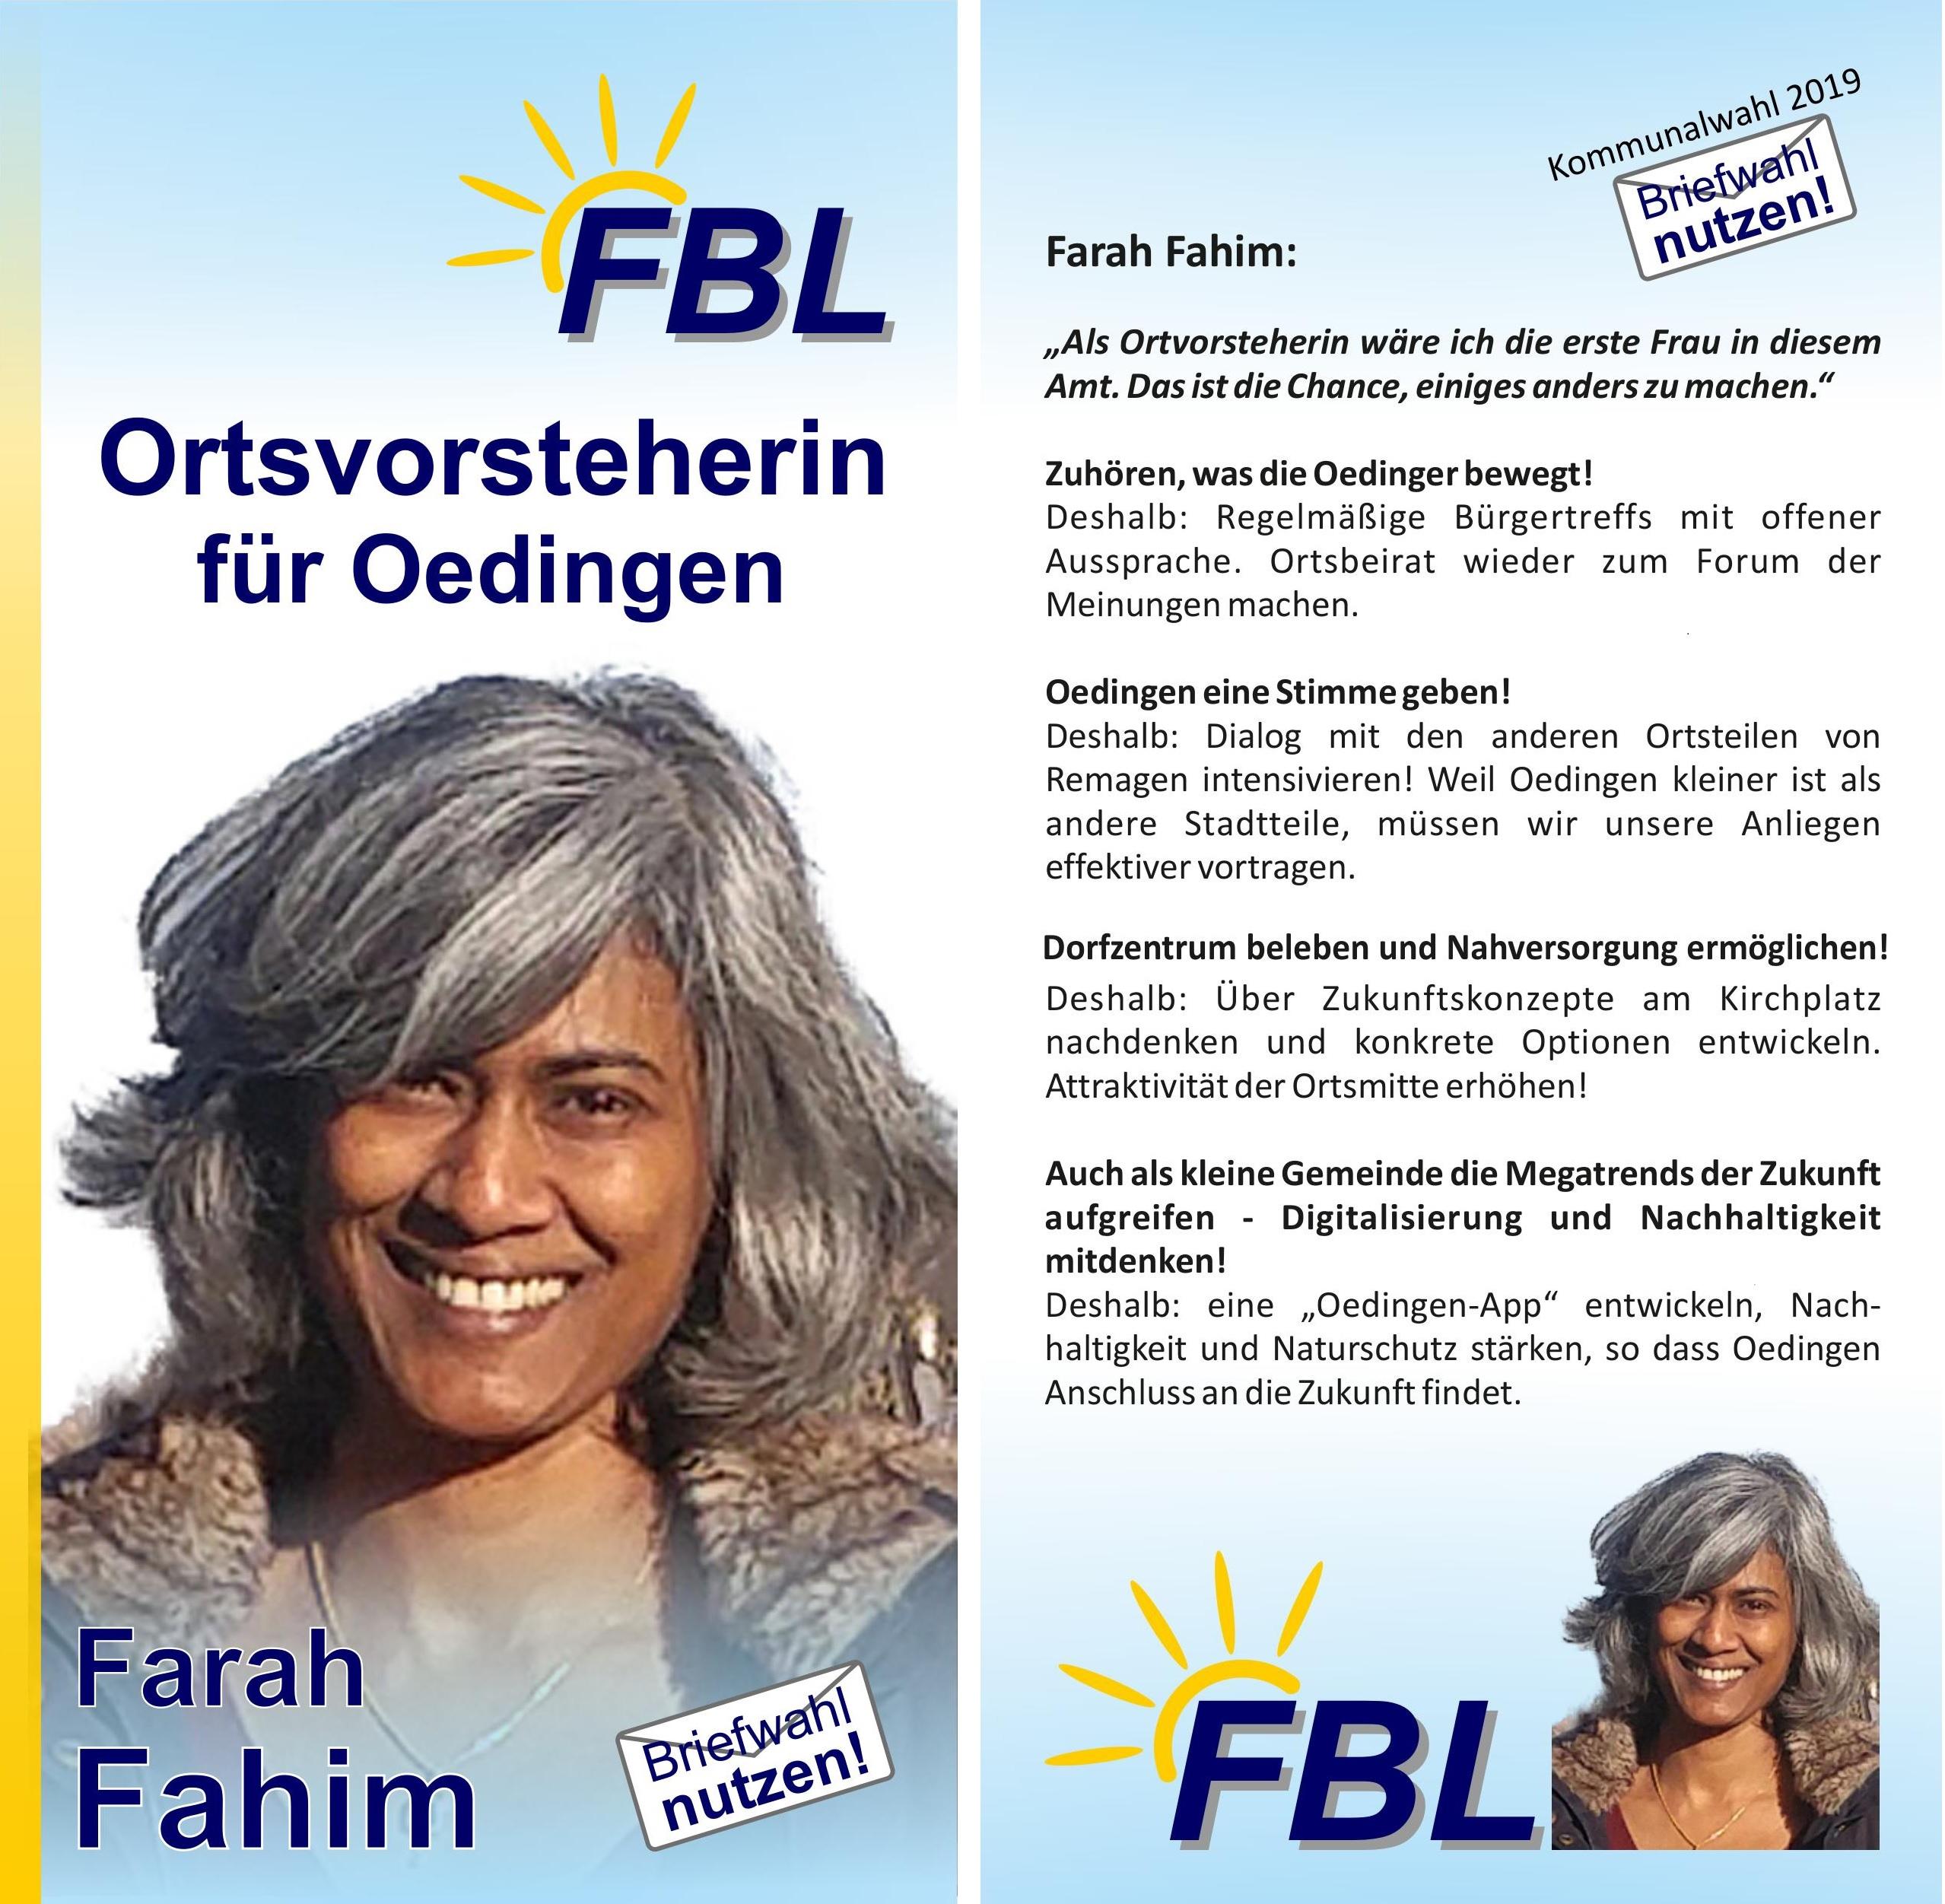 Alternativen für Oedingen! FBL-Kandidatin Farah Fahim stellt sich vor und skizziert die Zukunft des Remagener Stadtteils.